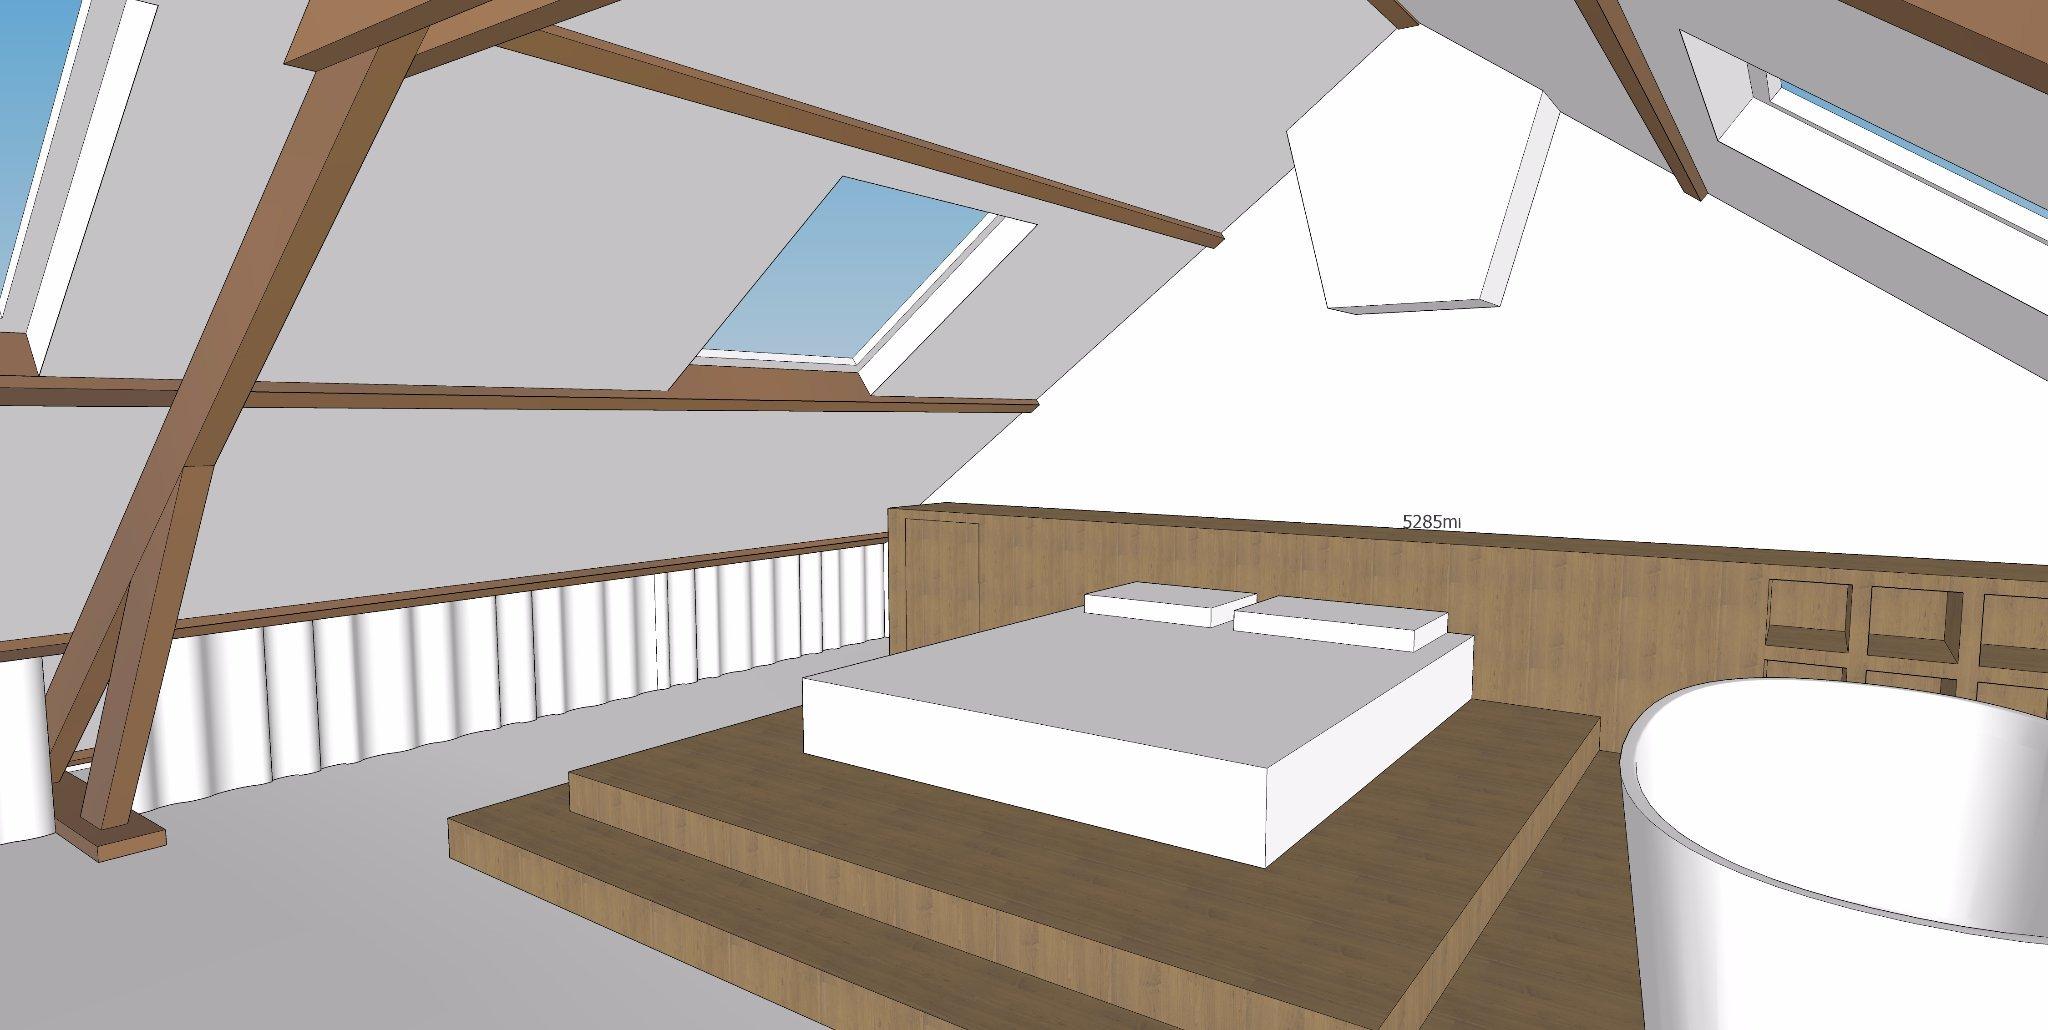 Betere zolder verbouwen tot slaapkamer met bad - Werkspot FN-83